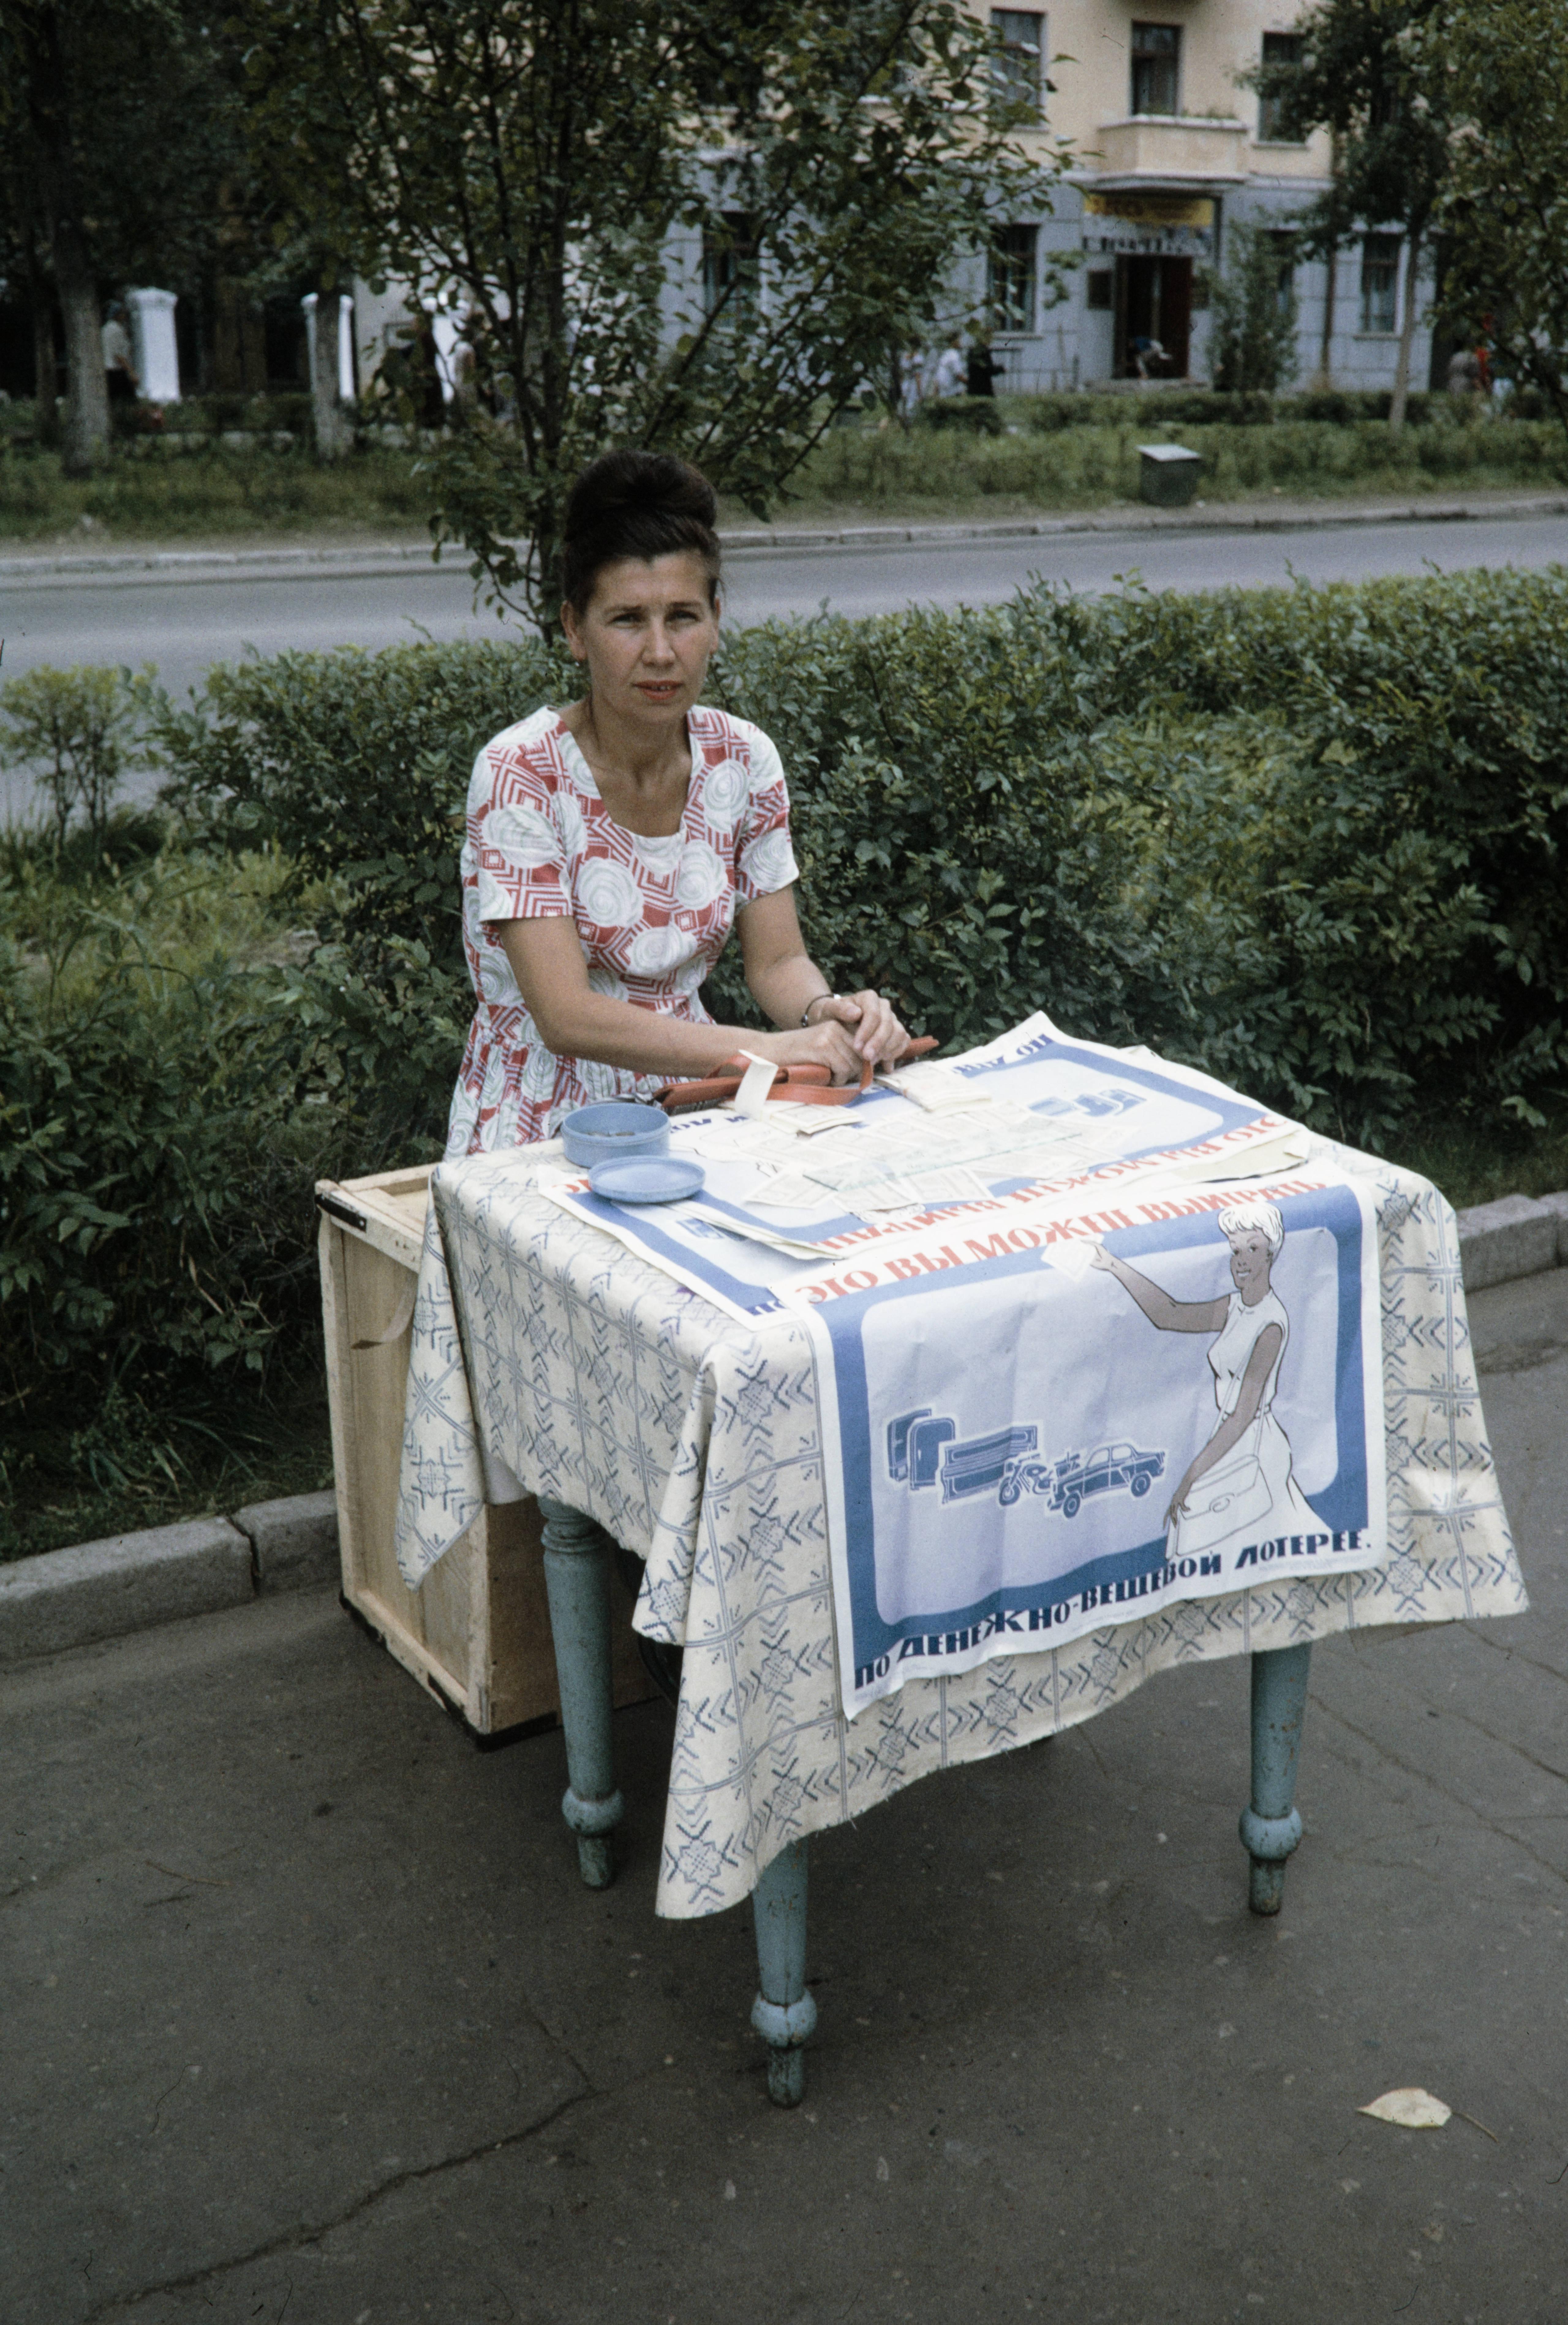 Продажа лотерейных билетов на улице Карла Маркса